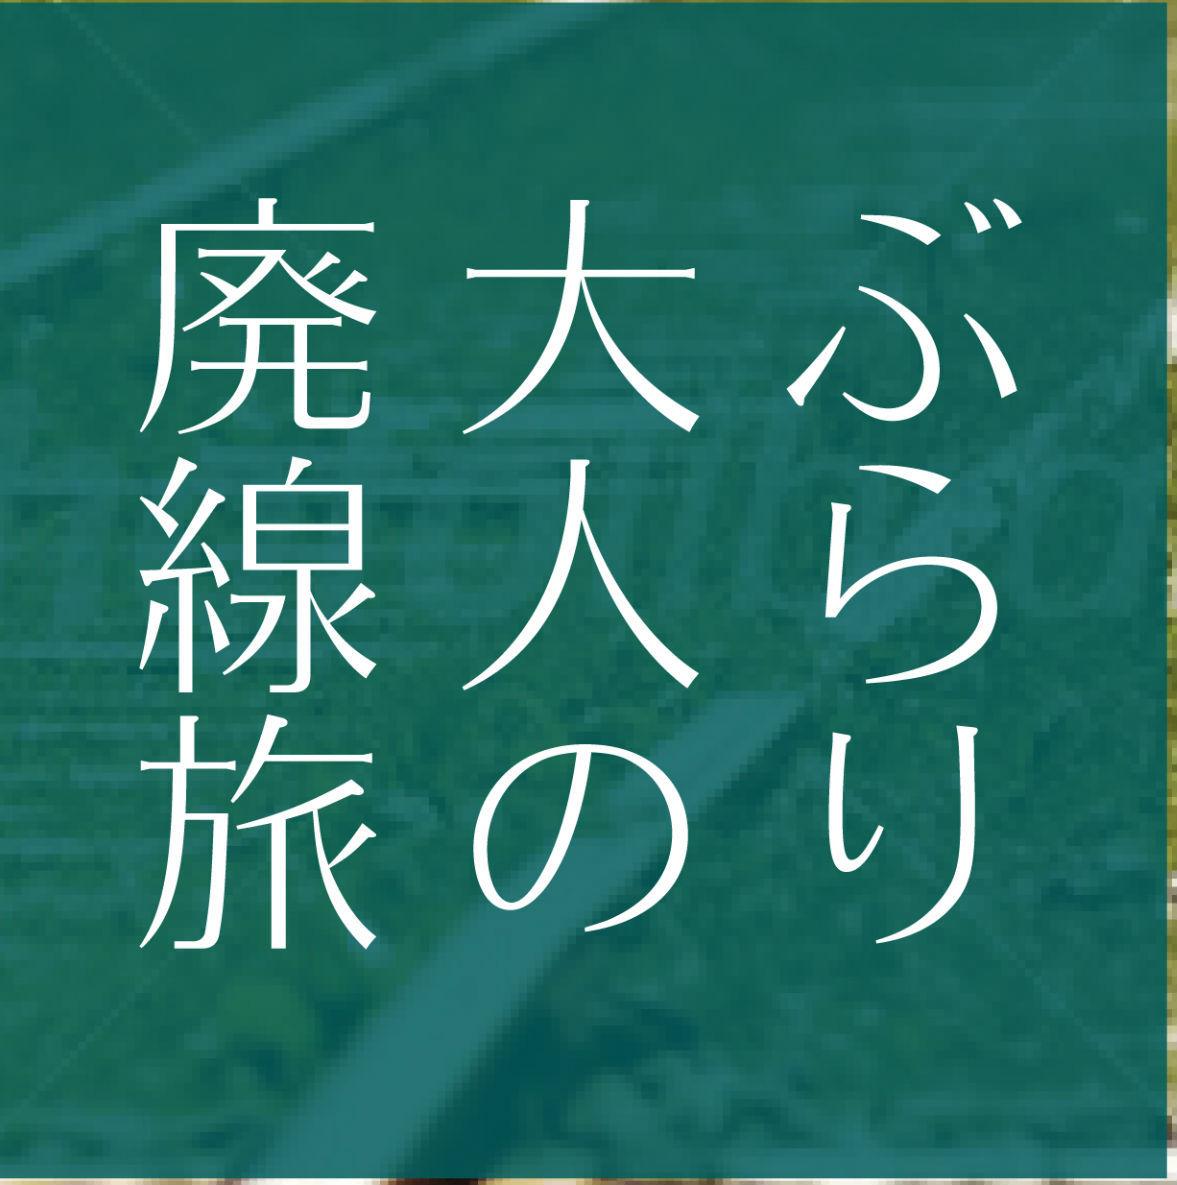 【京浜工業地帯】鶴見線の引込線の痕跡を訪ねて【前編】